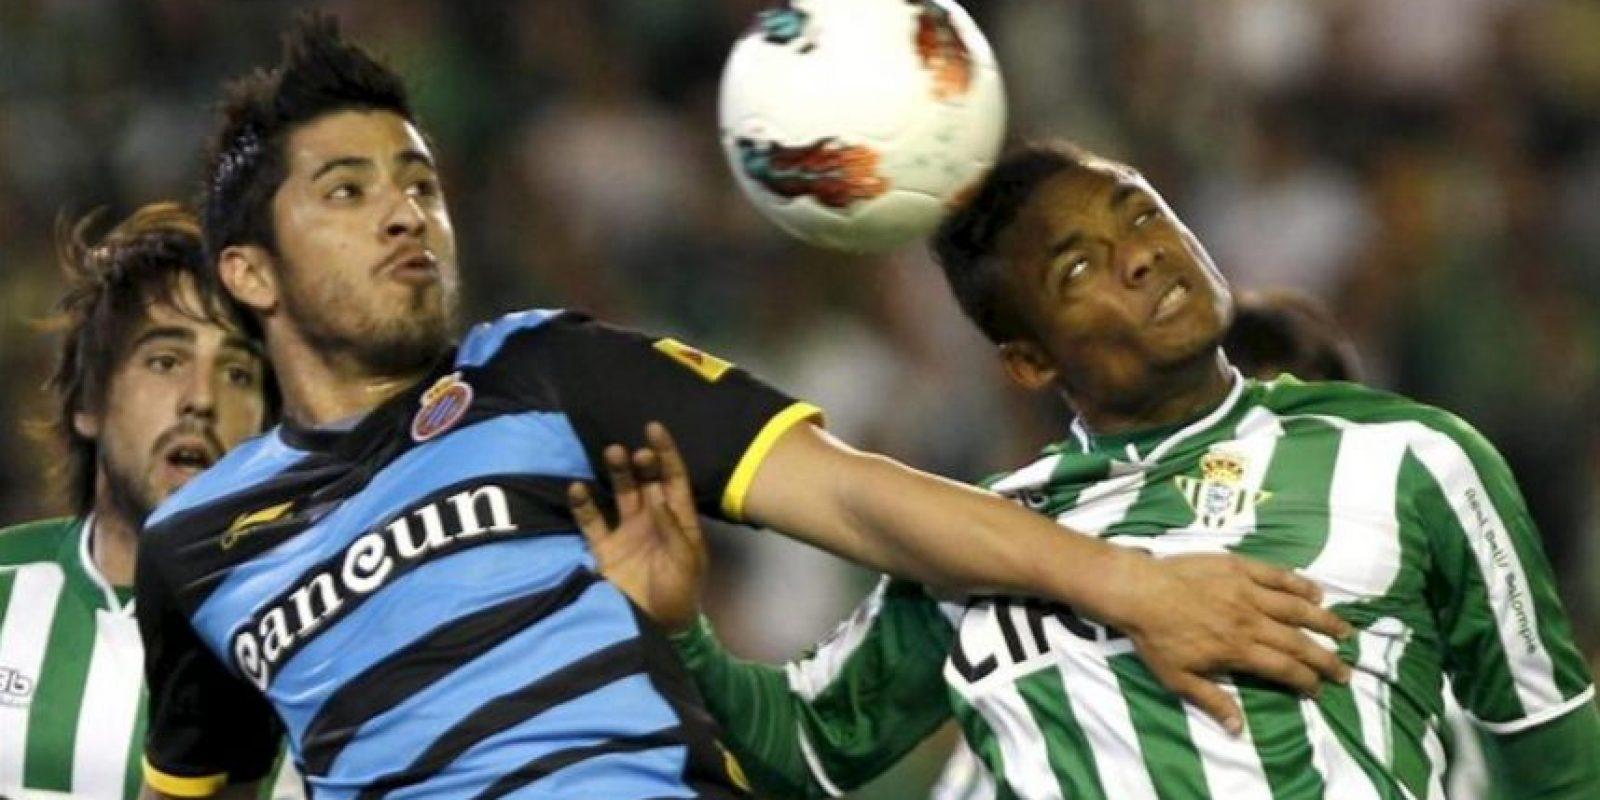 El delantero uruguayo del Espanyol Juan Ángel Albín (i) y el jugador portugués del Betis Nelson Augusto, luchan por un balón durante el partido, correspondiente a la vigésimo novena jornada de Liga de Primera División en el estadio Benito Villamarín. EFE